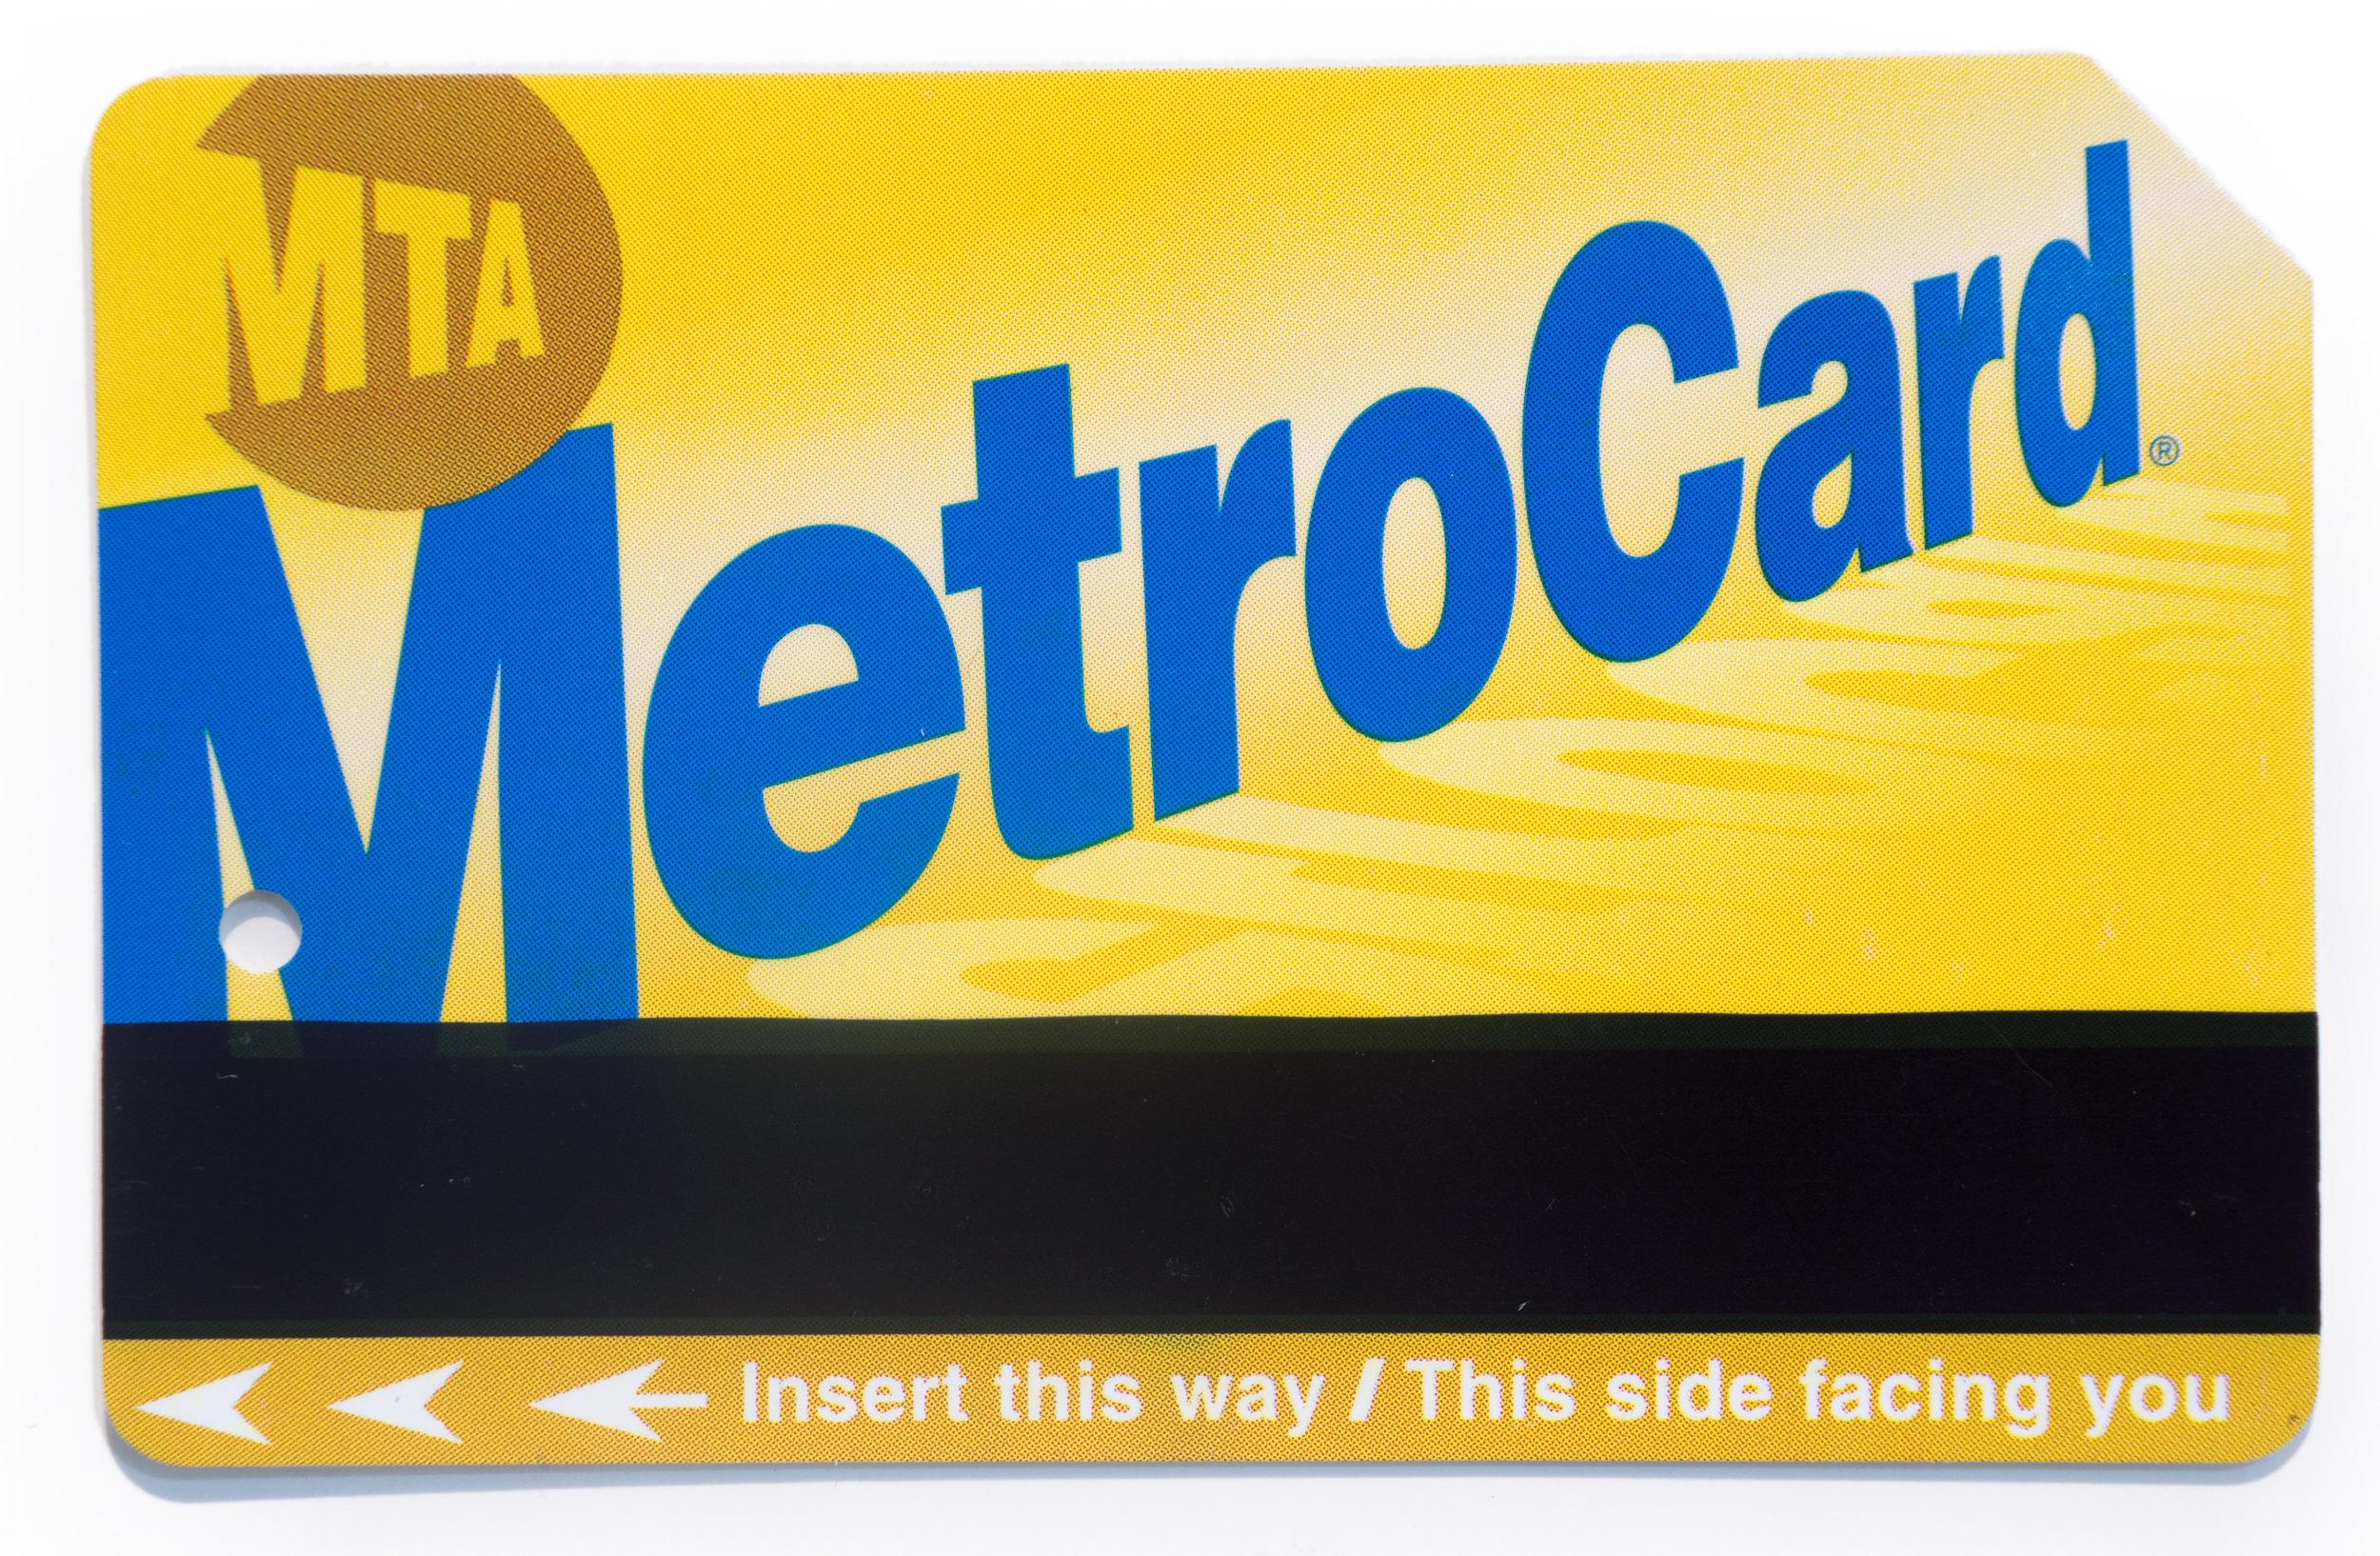 metrocard.jpg